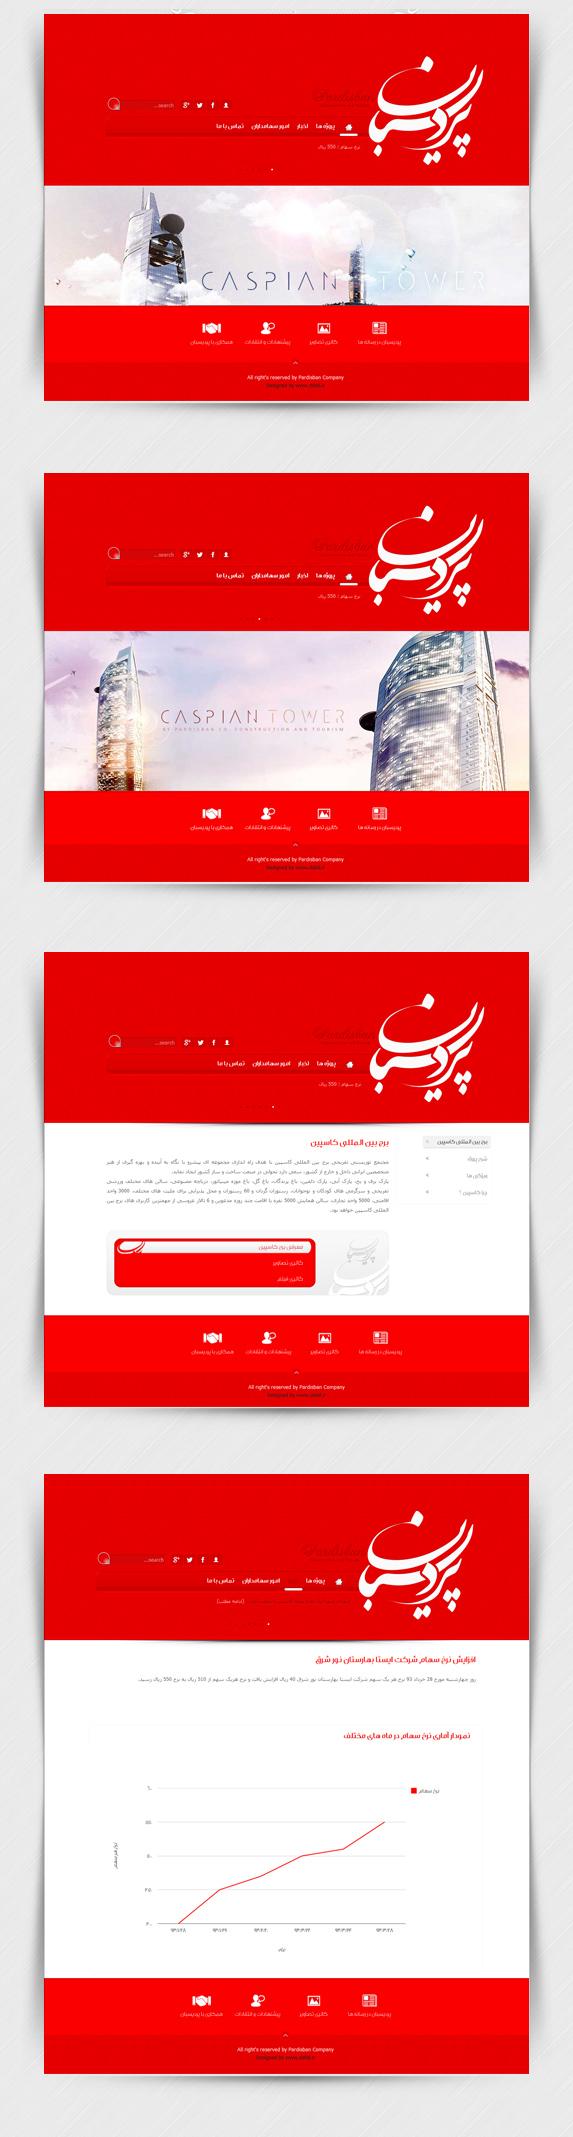 طراحی سایت شرکت پردیسبان - شرکت بعد چهارمطراحی سایت شرکت پردیسبان